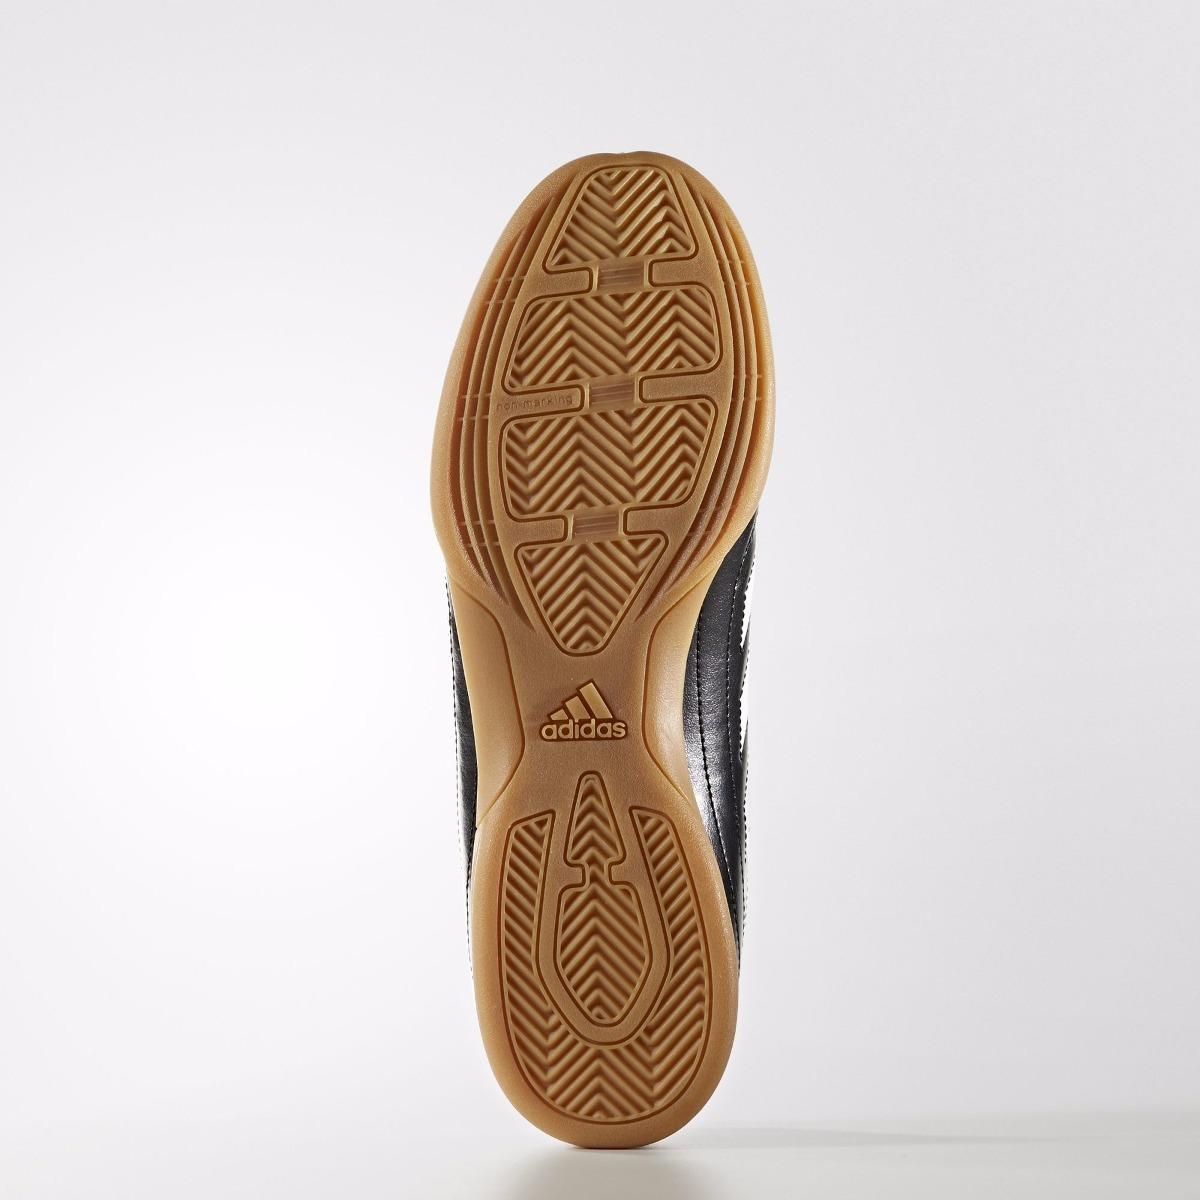 d28f868aad37f zapatillas adidas para futsal y grass sintetico ndph. Cargando zoom.